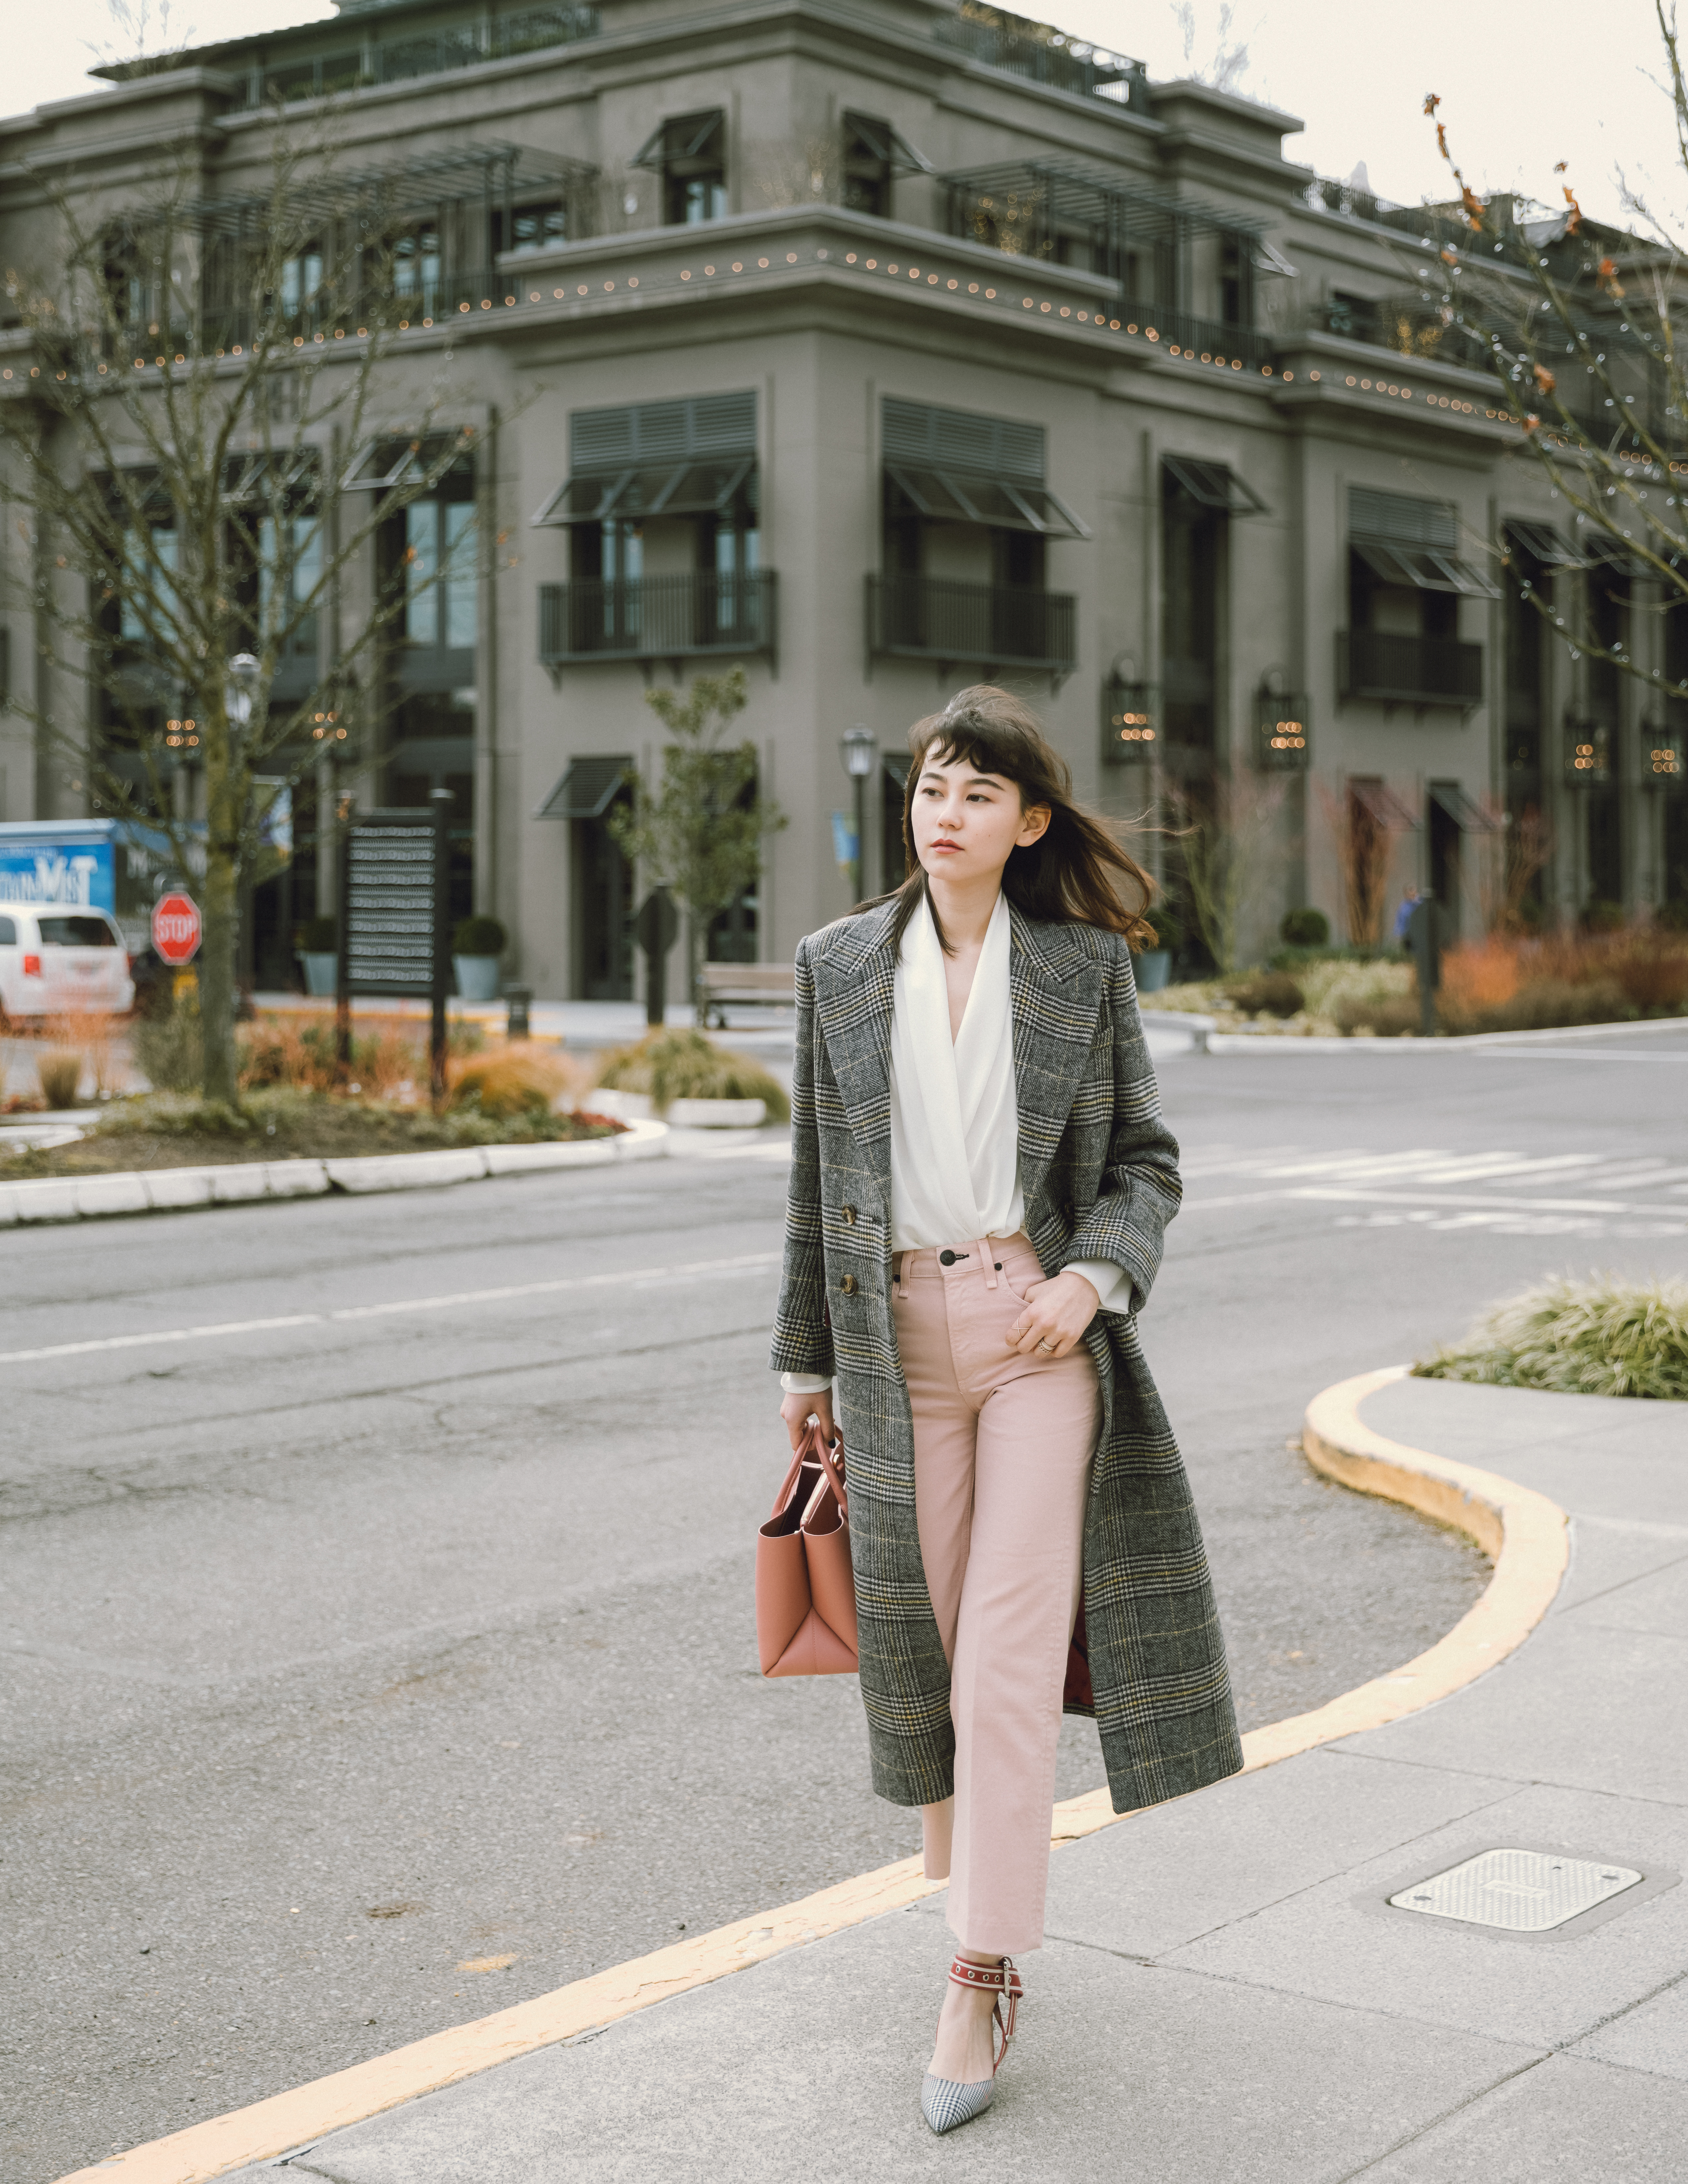 JingLeng JING x SSENSE 时尚搭配美女帅哥明星